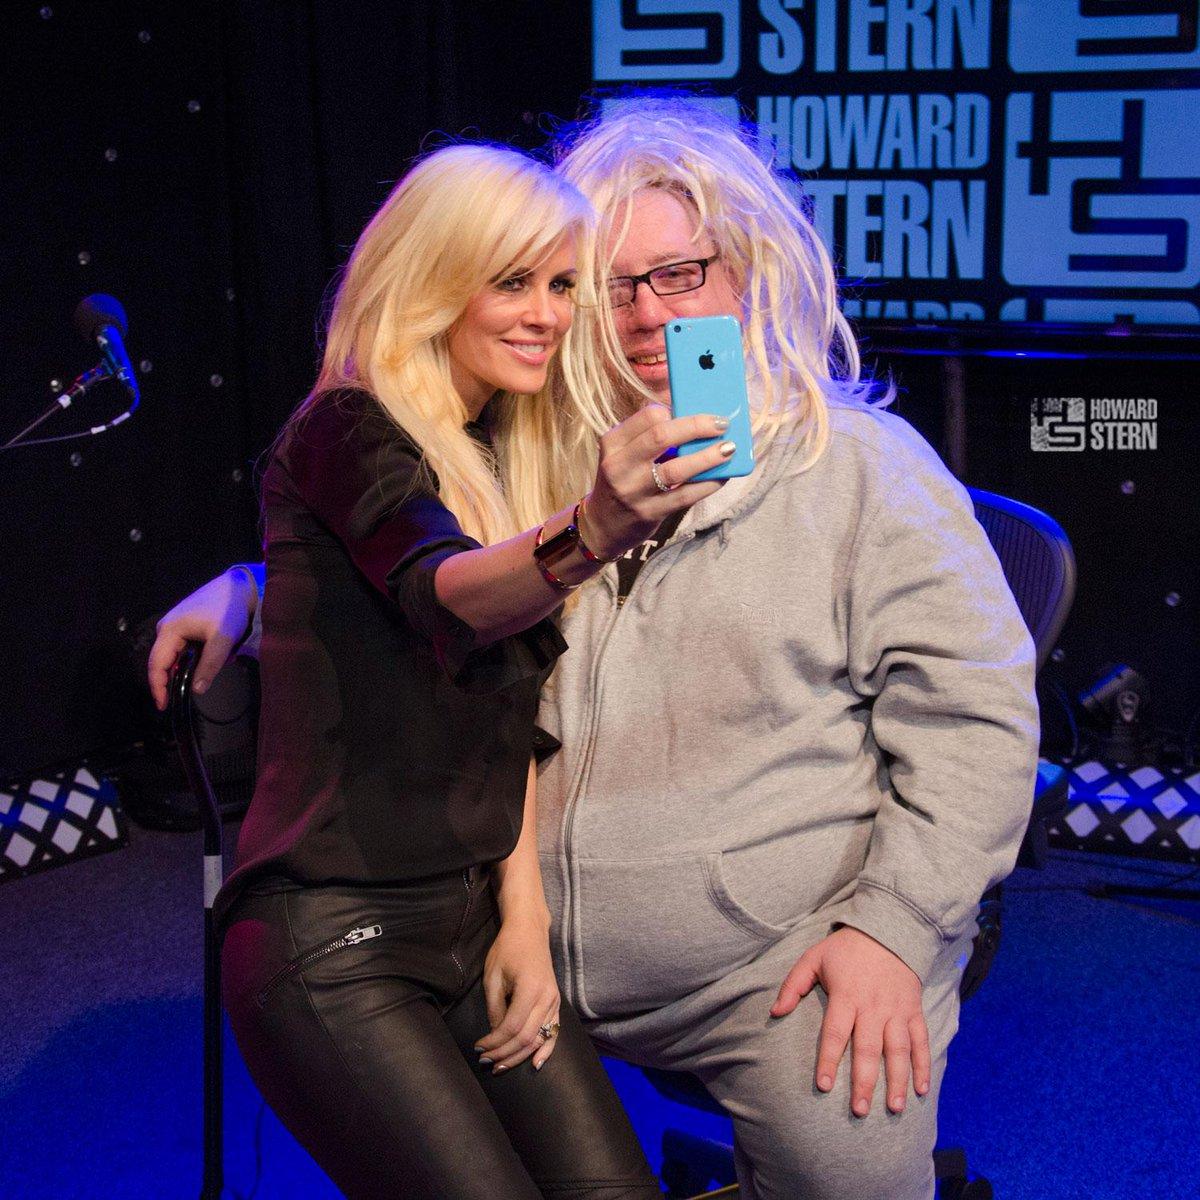 Selfie Jenny Mcarthy nudes (61 photo), Ass, Leaked, Selfie, underwear 2019